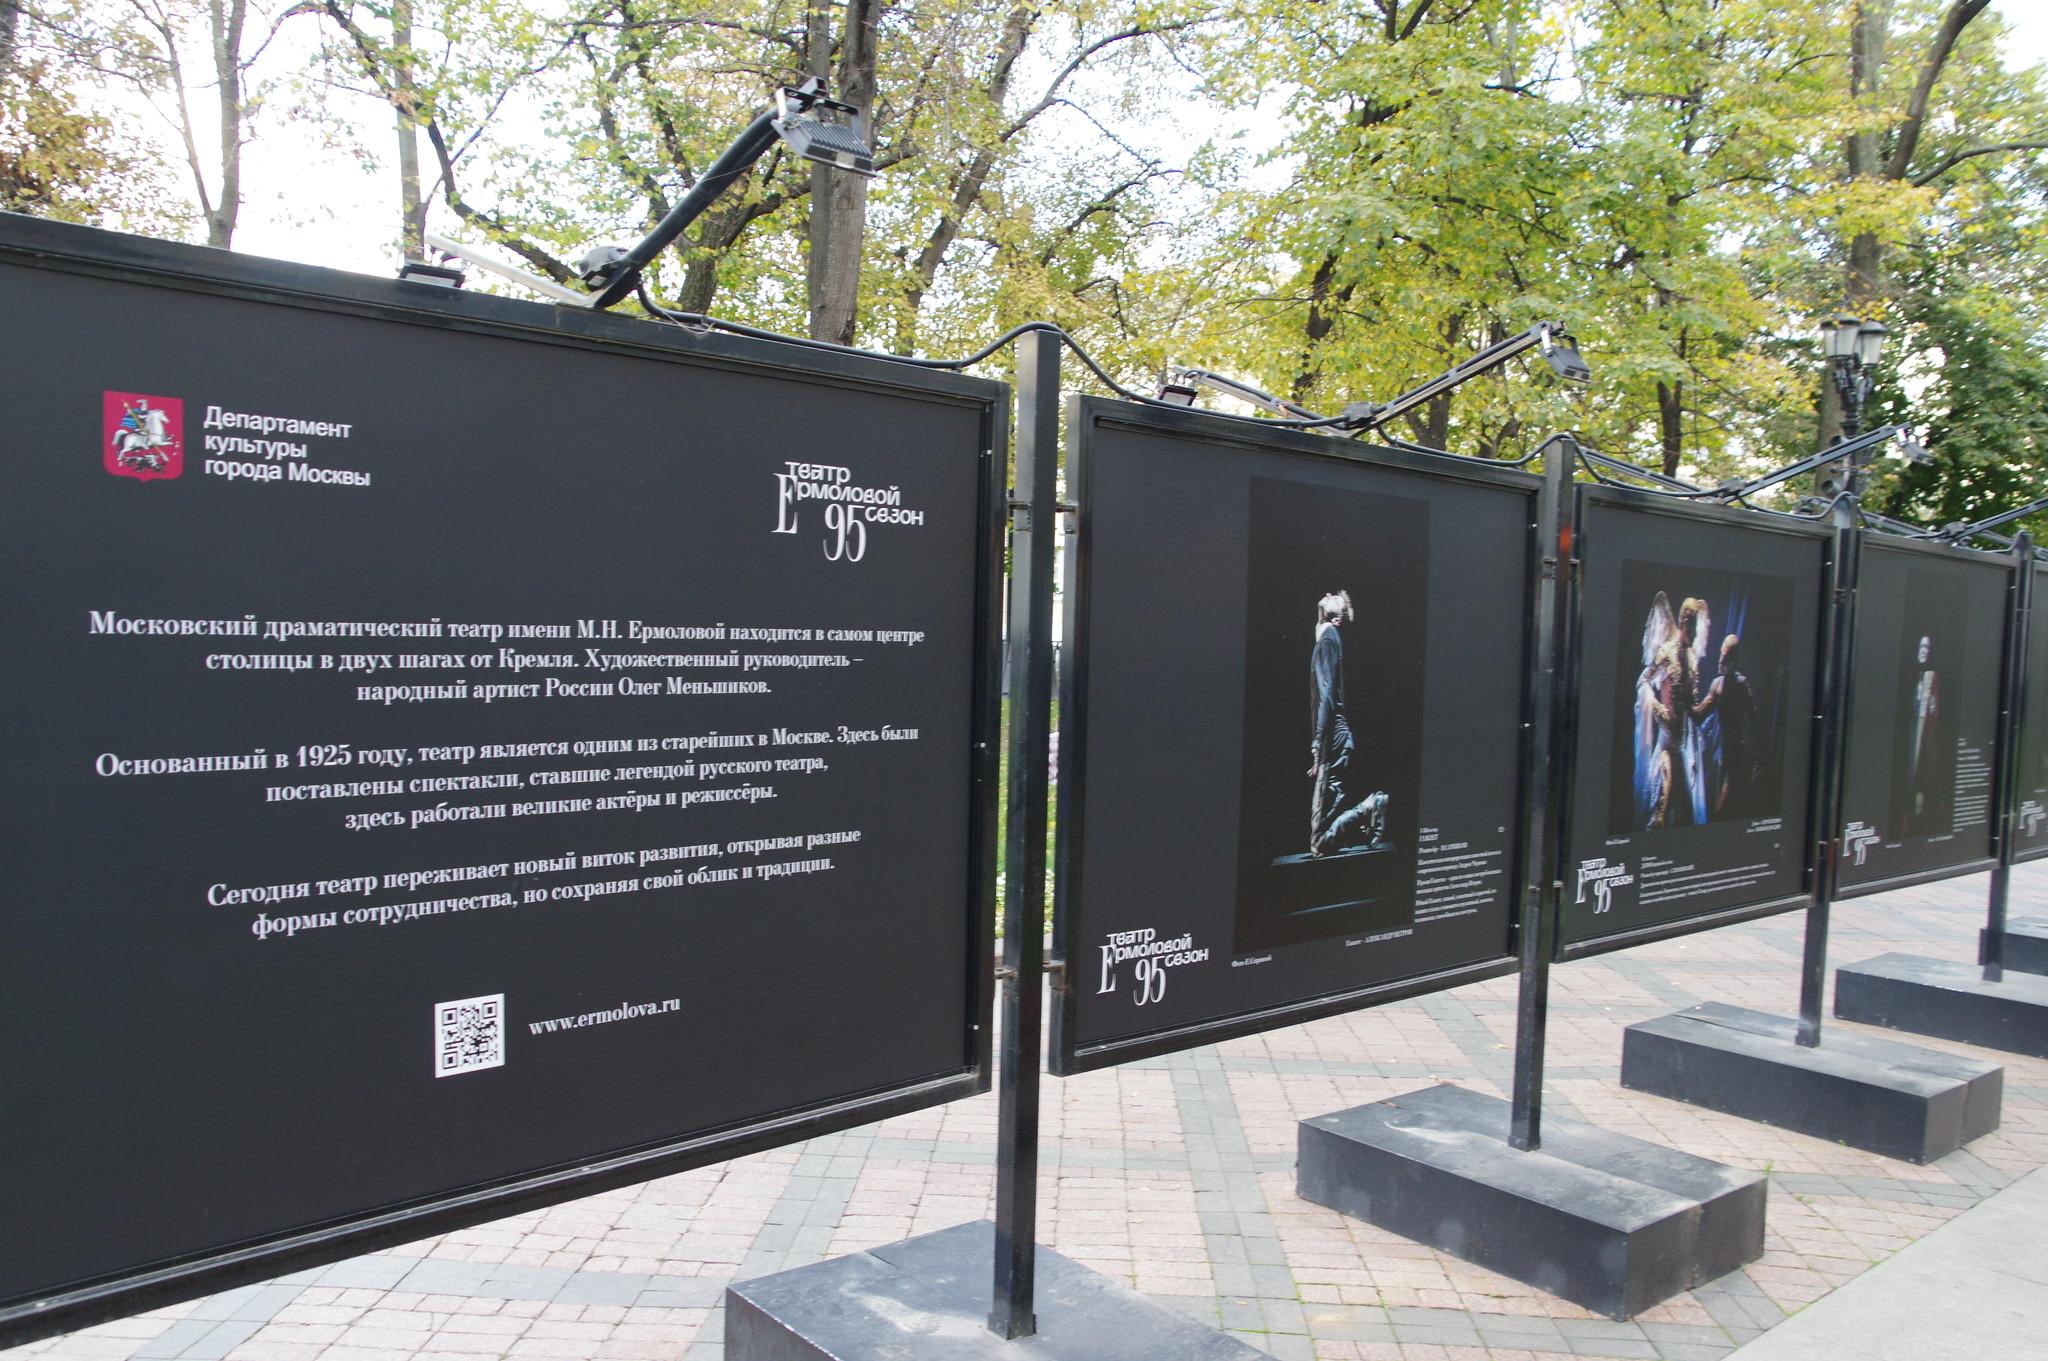 Фотовыставка в честь 95-летия Театра имени М.Н. Ермоловой на Никитском бульваре